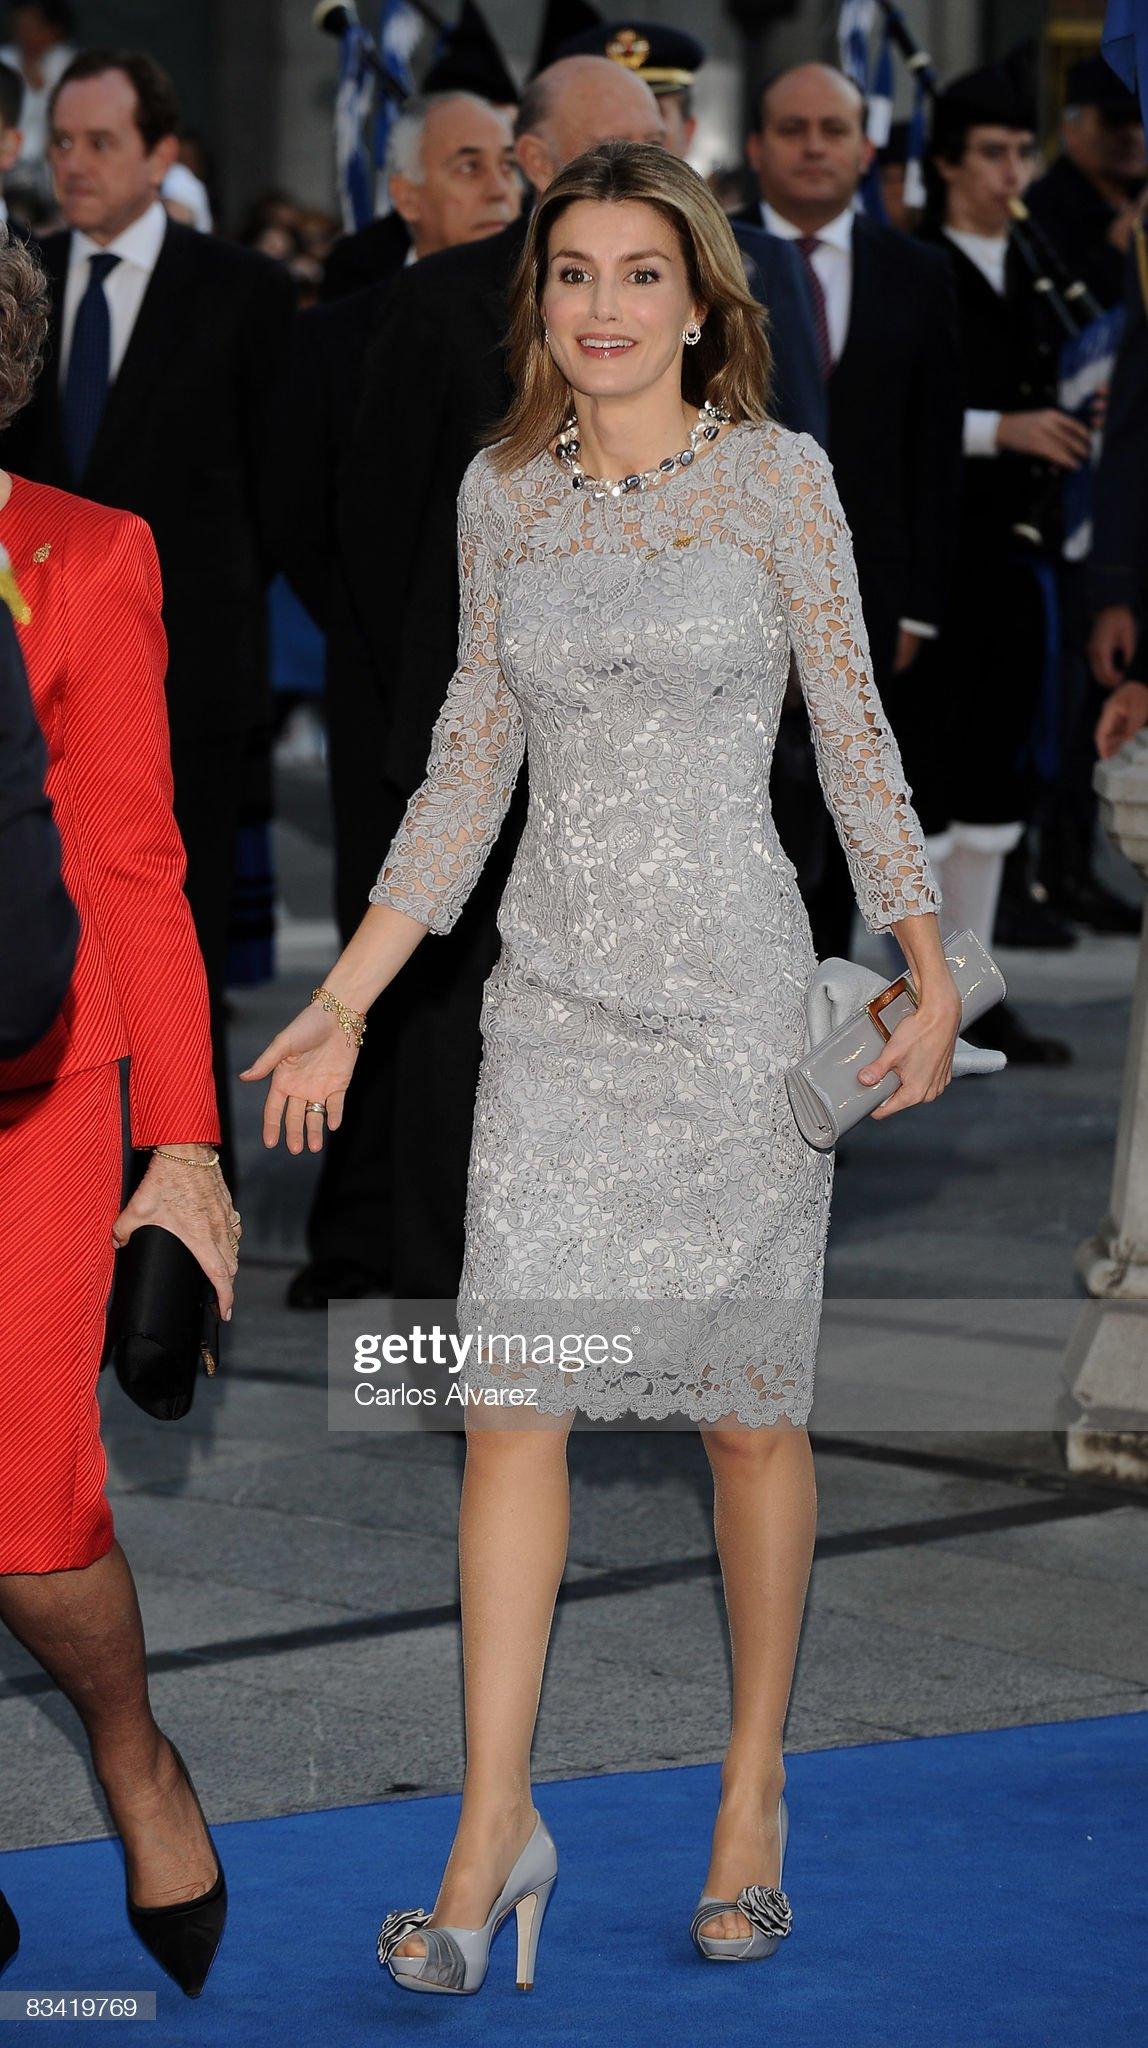 Вечерние наряды Королевы Летиции Prince Of Asturias Awards 2008 : News Photo